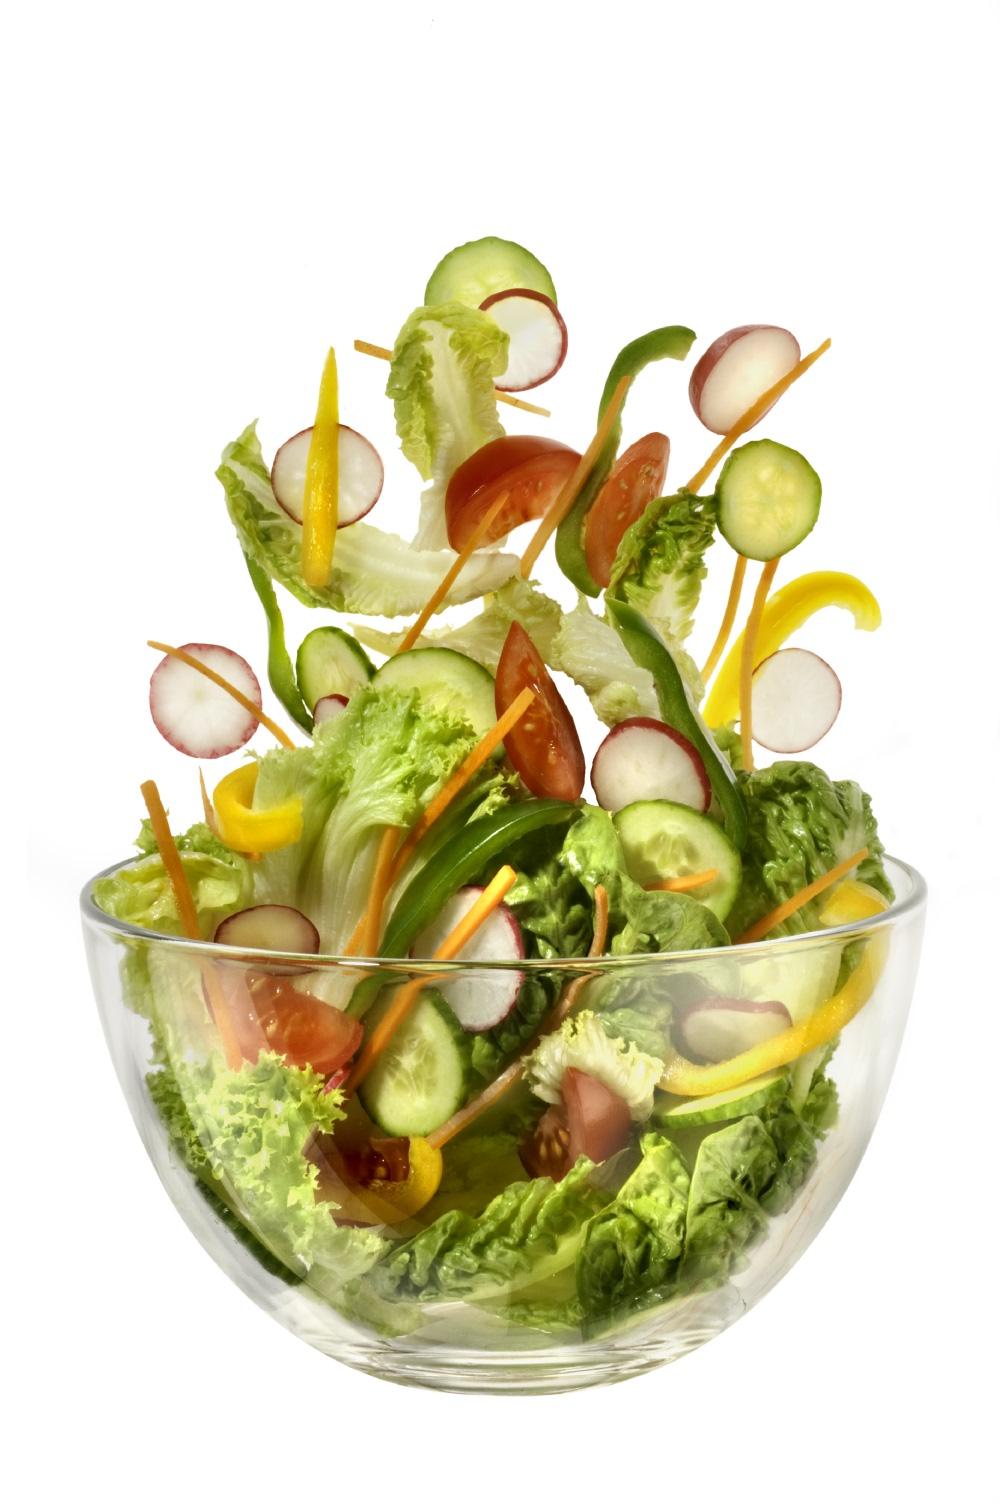 salat_schuessel5a50ff3bac447